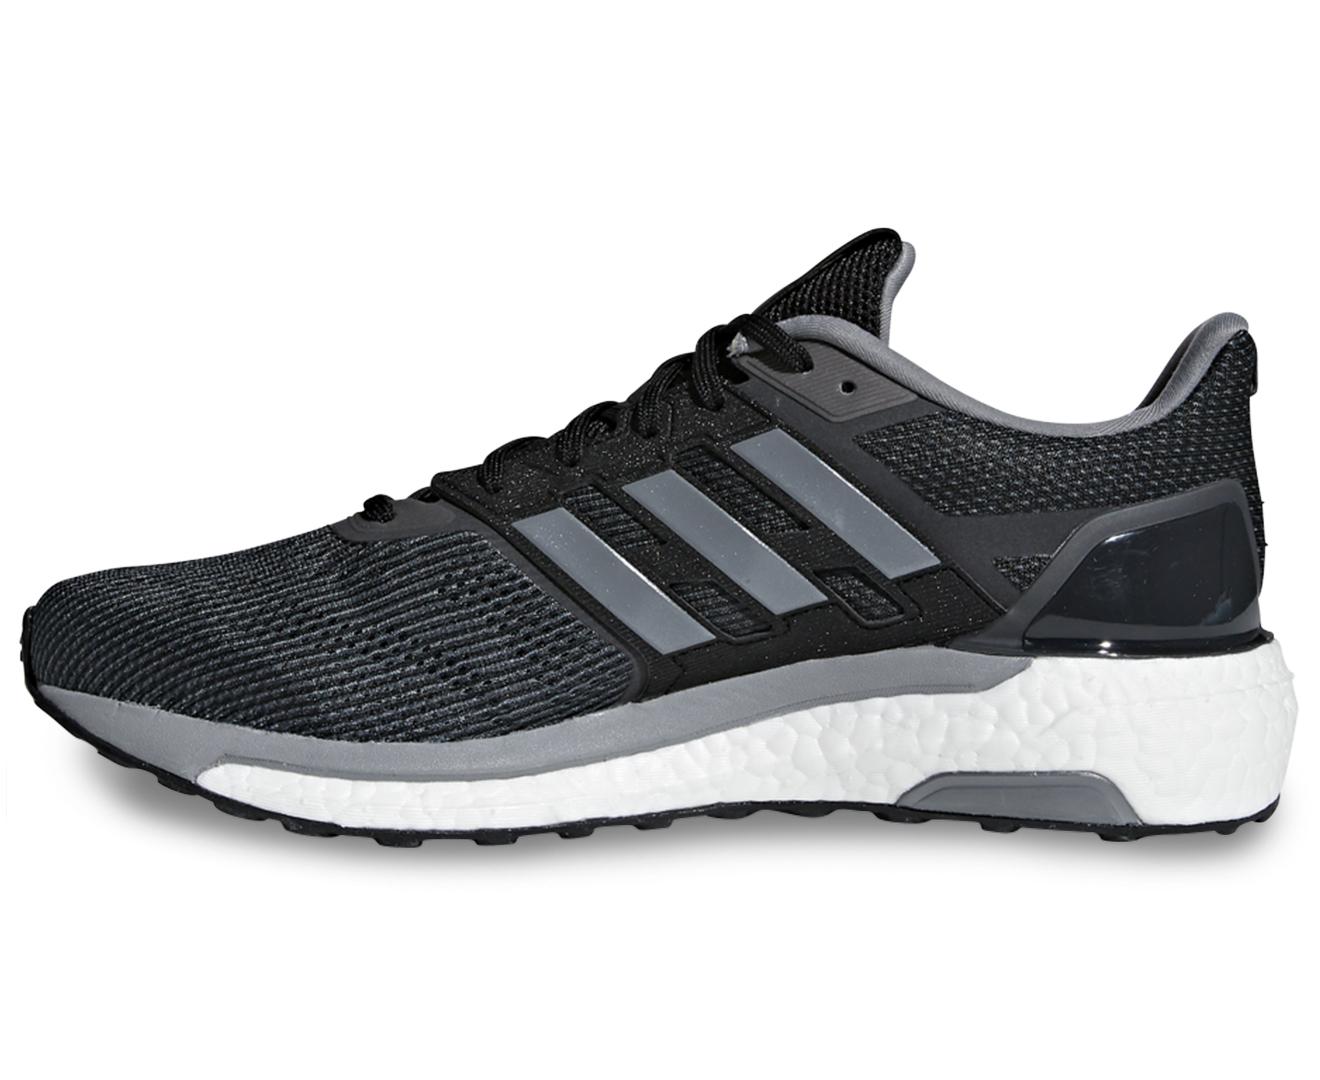 25d3d3655 Adidas Men s Supernova Shoe - Core Black Grey Three